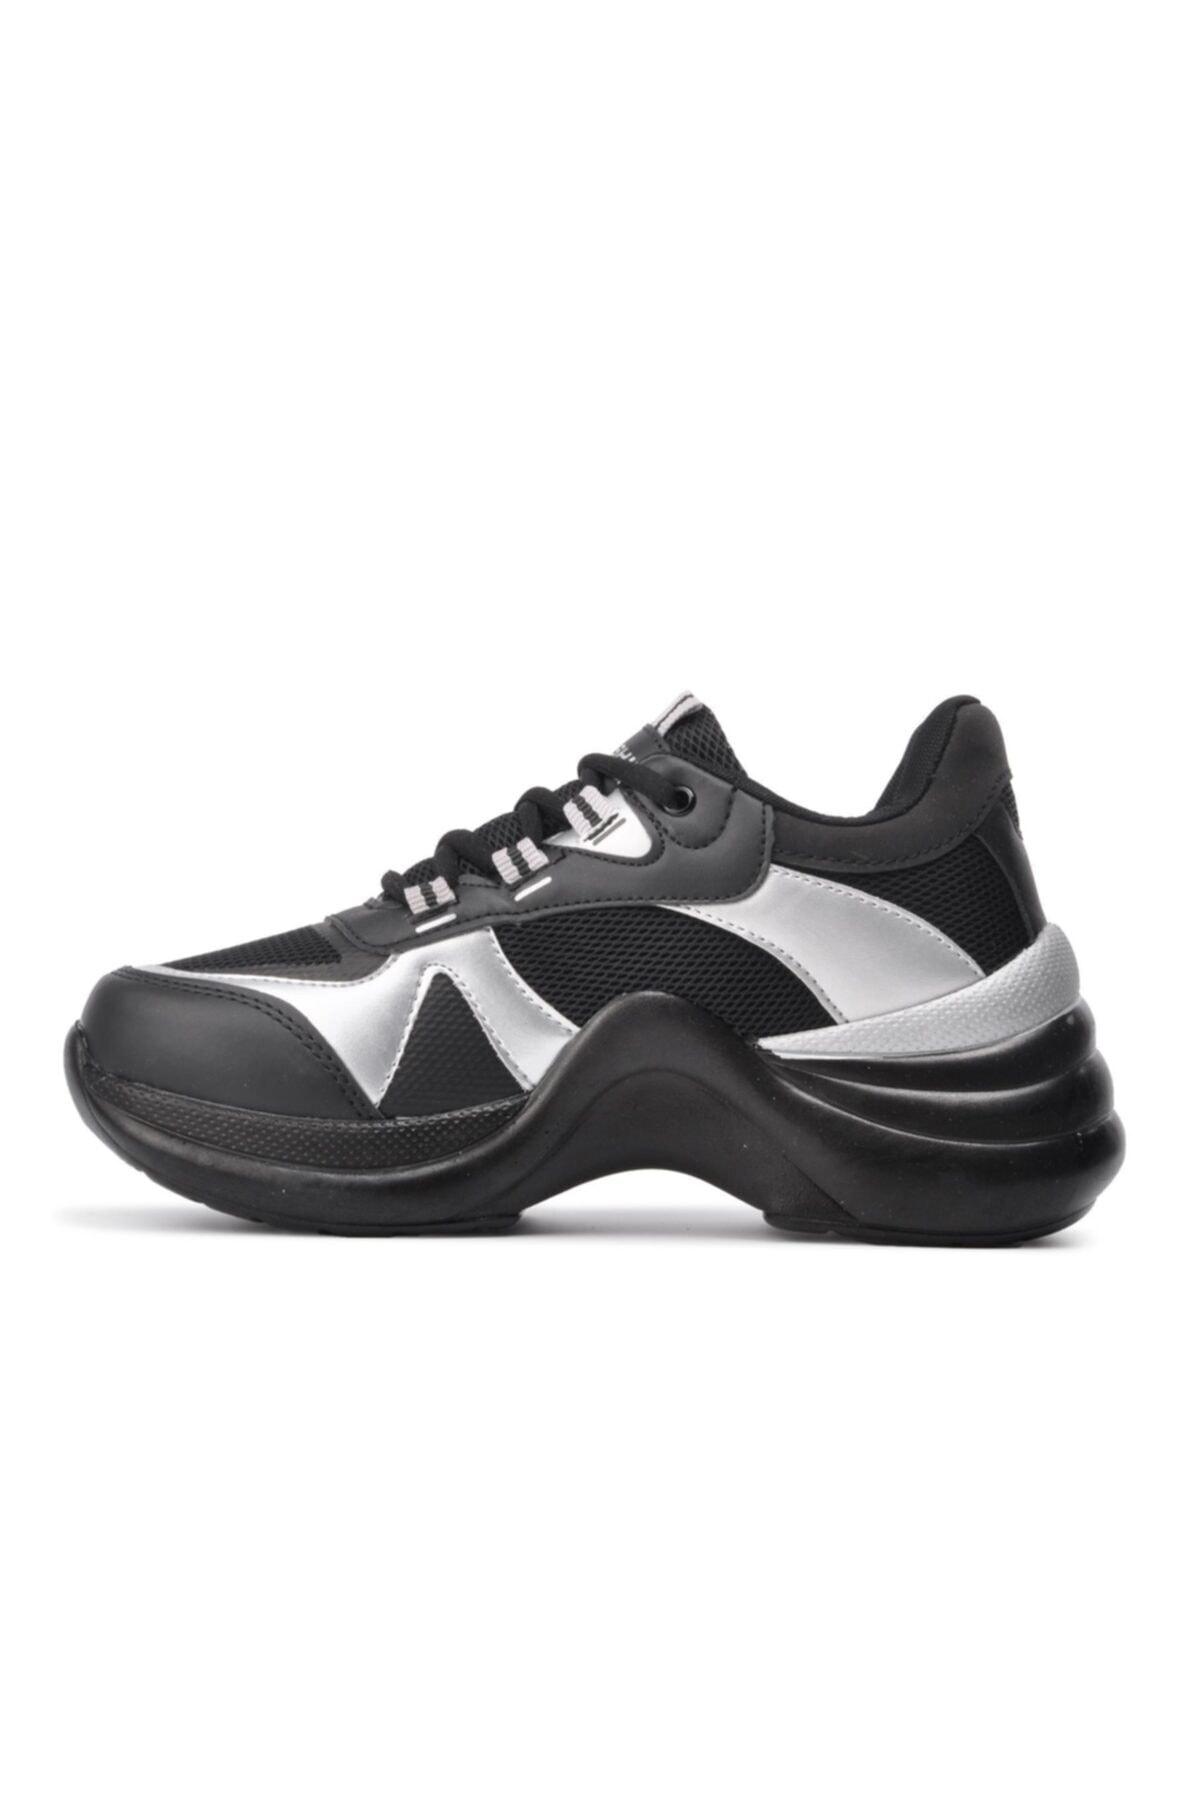 Twingo 601 Siyah-gümüş Kadın Spor Ayakkabı 2